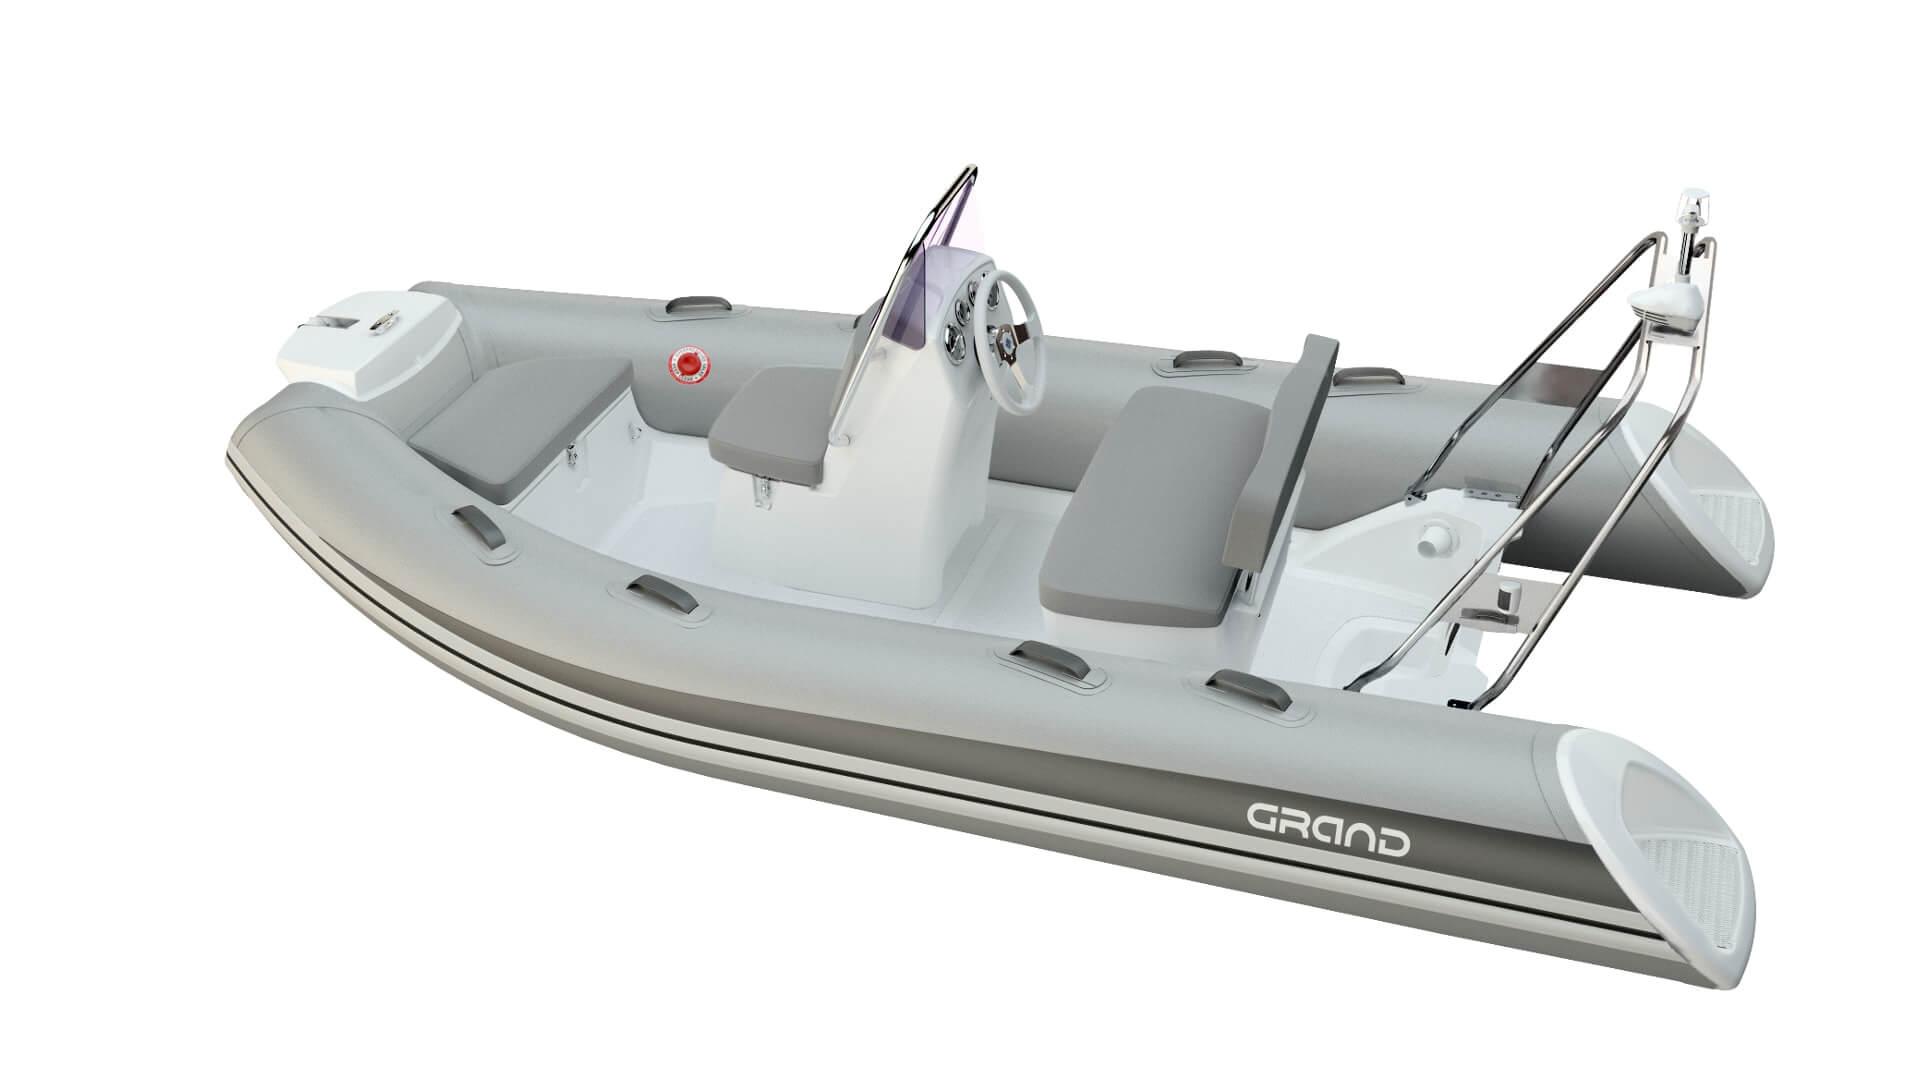 Надувная лодка GRAND Silver Line S370, GRAND Silver Line S370NL, GRAND Silver Line S370NLF, GRAND S370NL, GRAND S370NLF, S370NL, S370NLF, Надувная лодка GRAND, Надувная лодка ГРАНД, Надувная лодка с жестким дном, RIB, Rigid Inflatable Boats